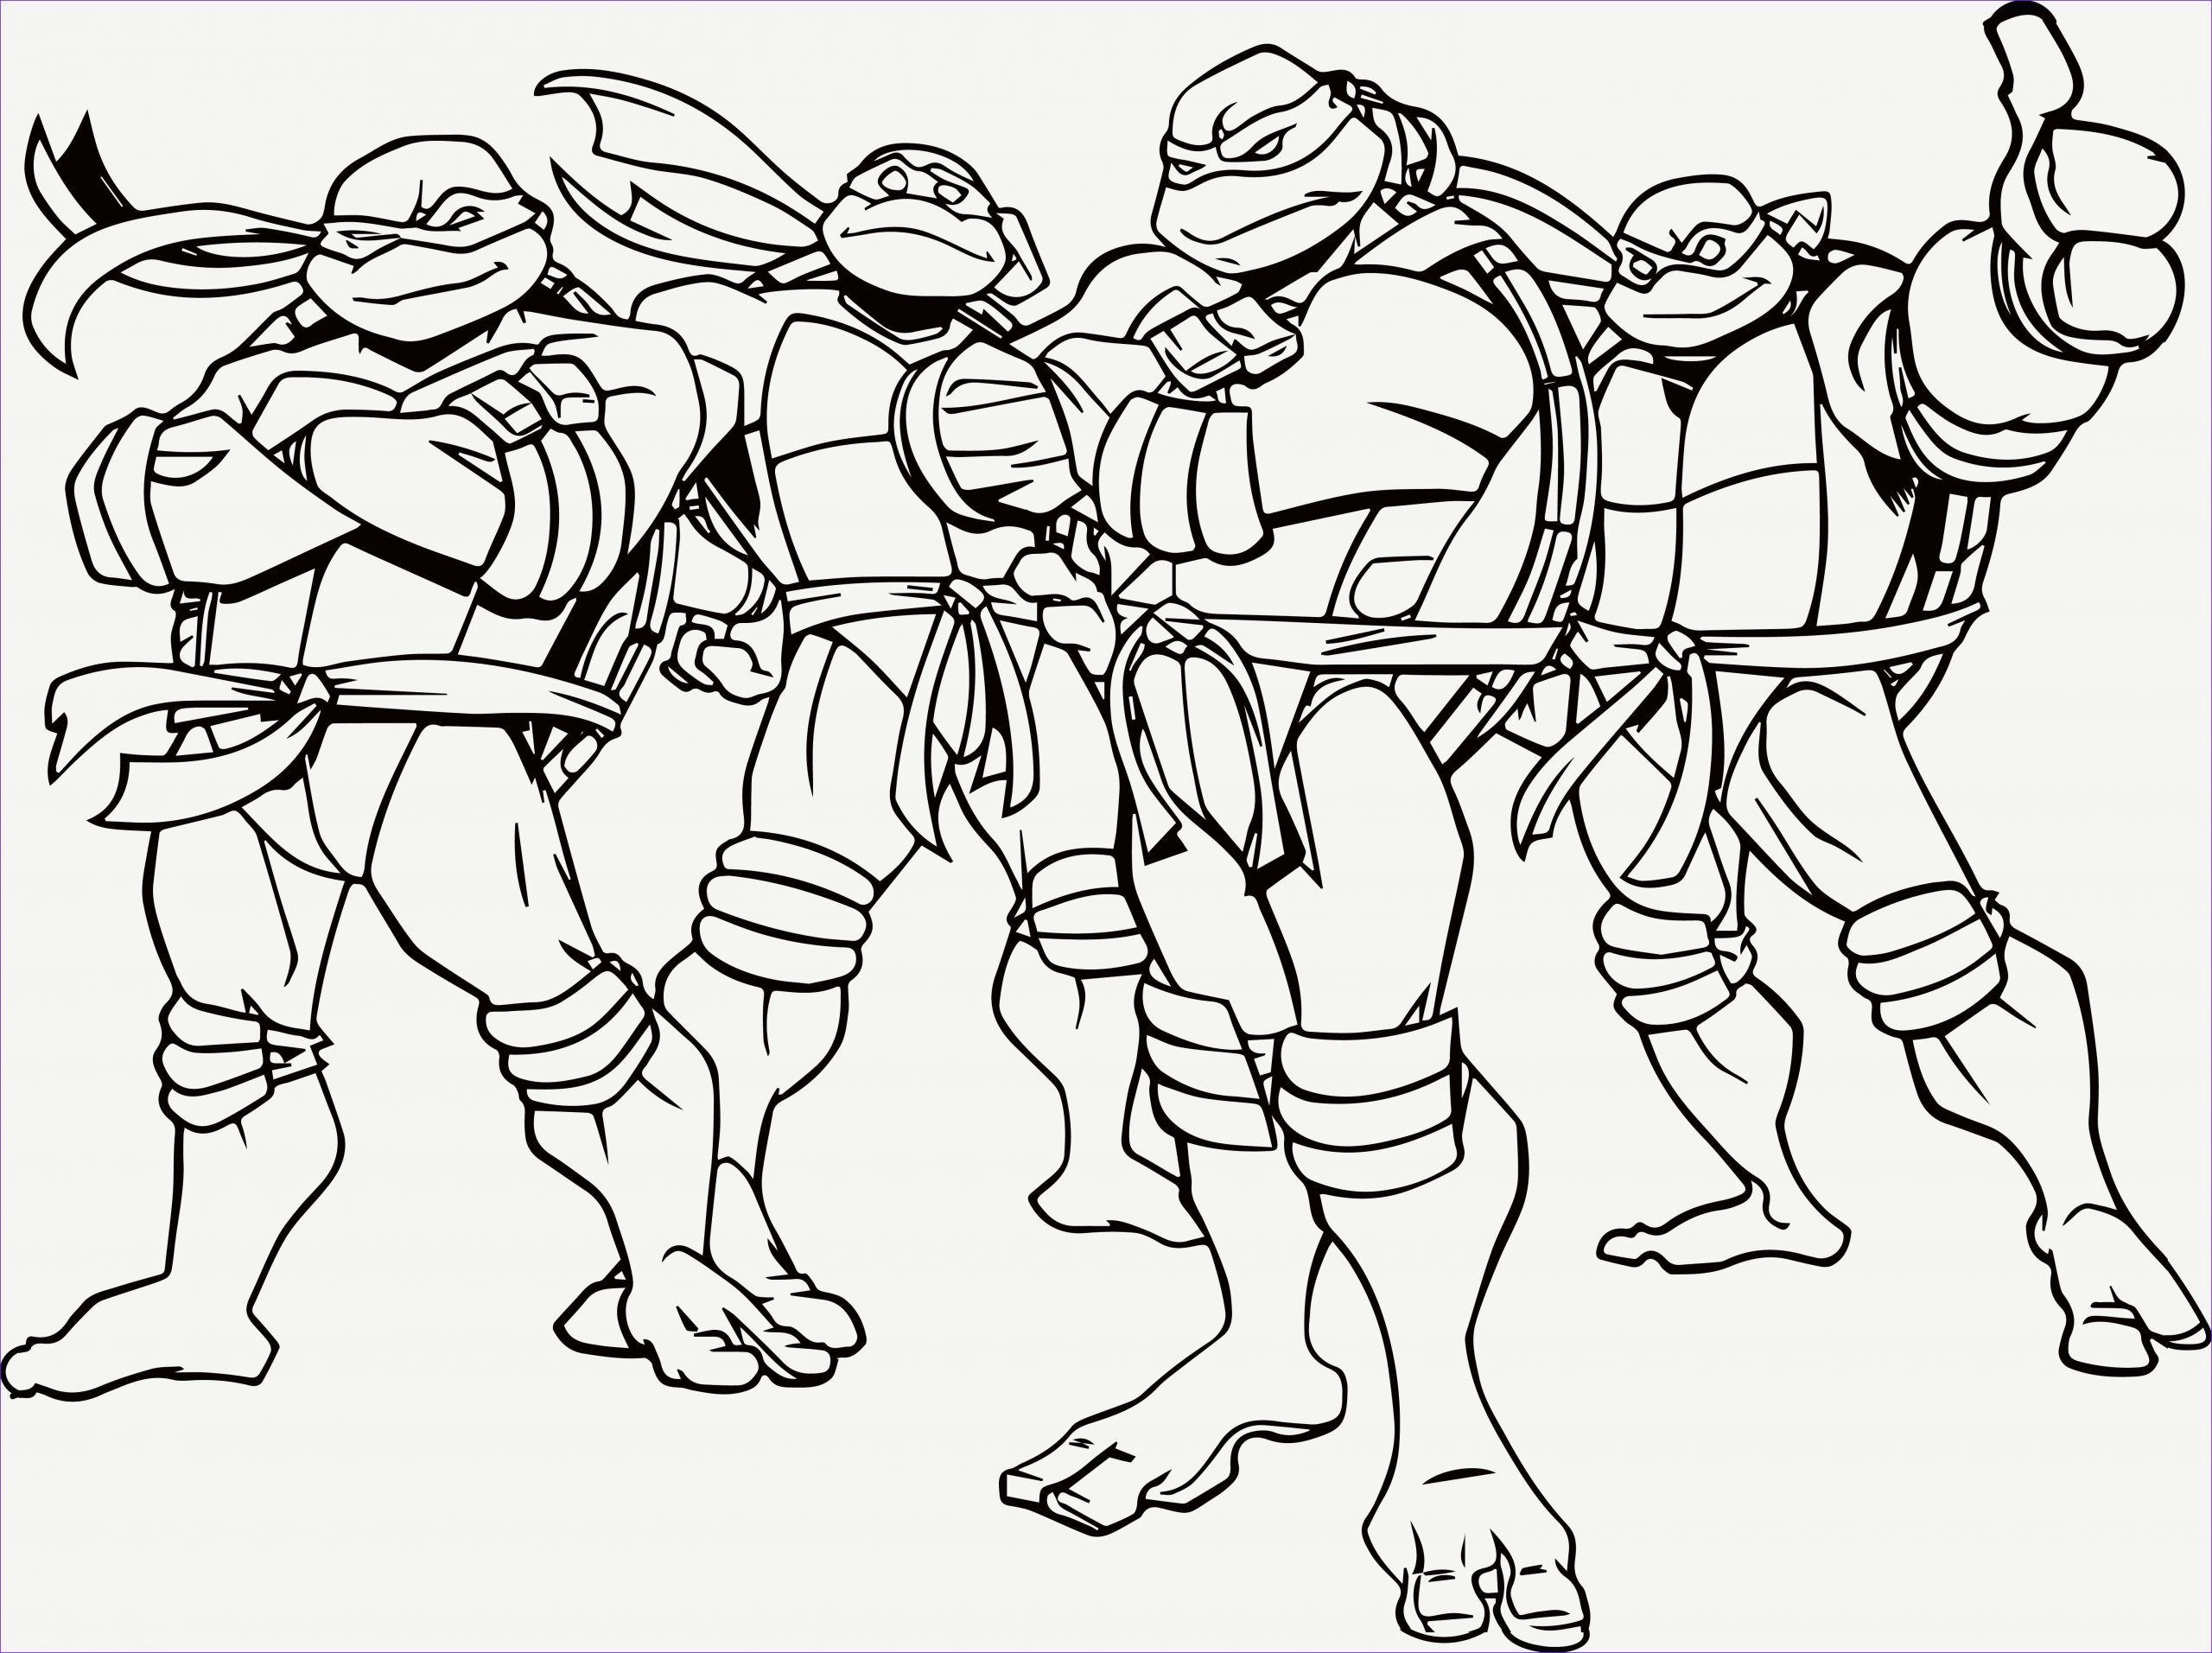 45 New Gallery Of Teenage Mutant Ninja Turtles Coloring